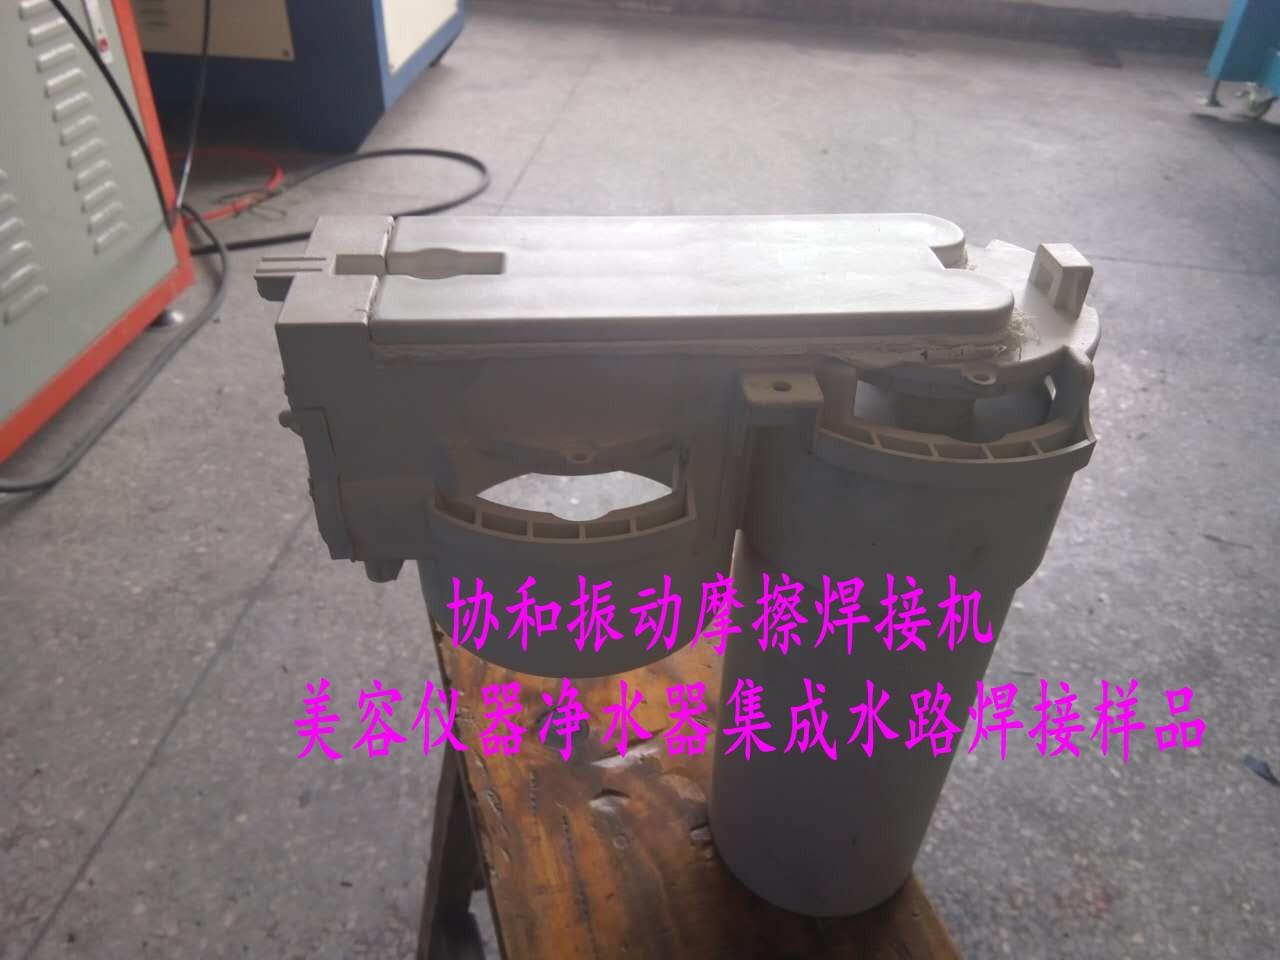 振动摩擦塑胶焊接 尼龙玻纤产品焊接加工 东莞振动摩擦机示例图4